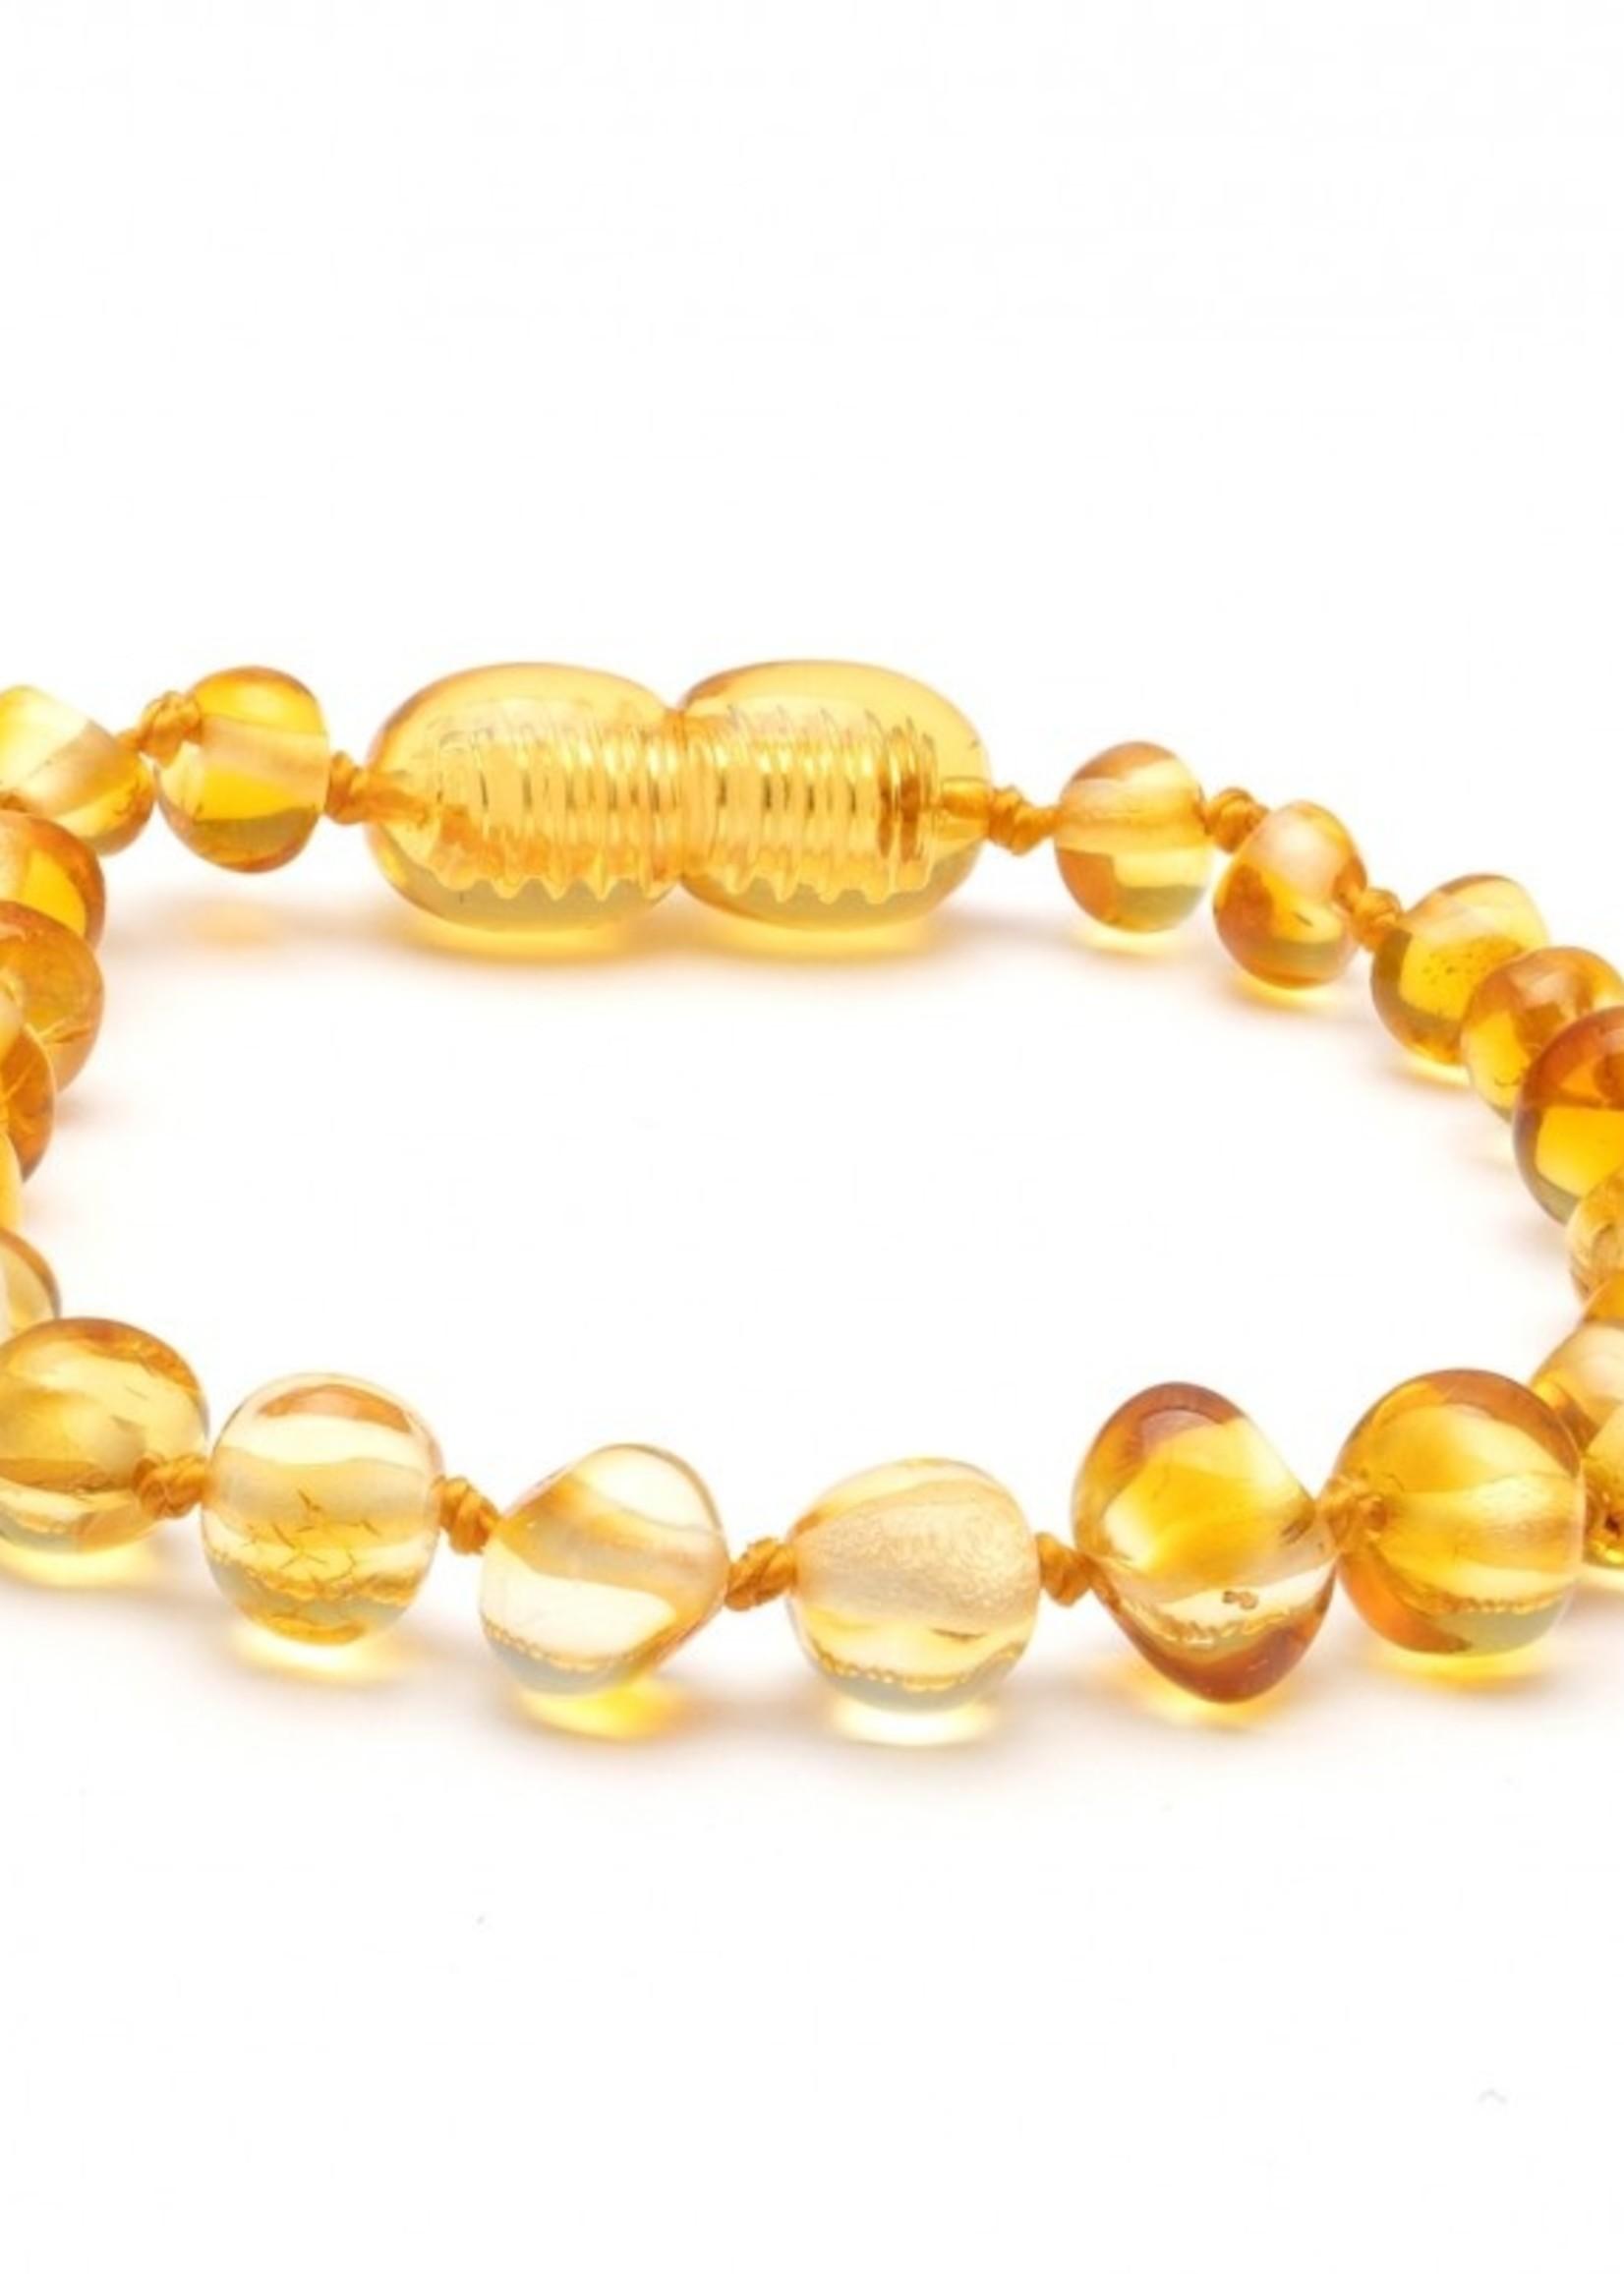 Amber Baroque Amber Teething Bracelet - Lemon